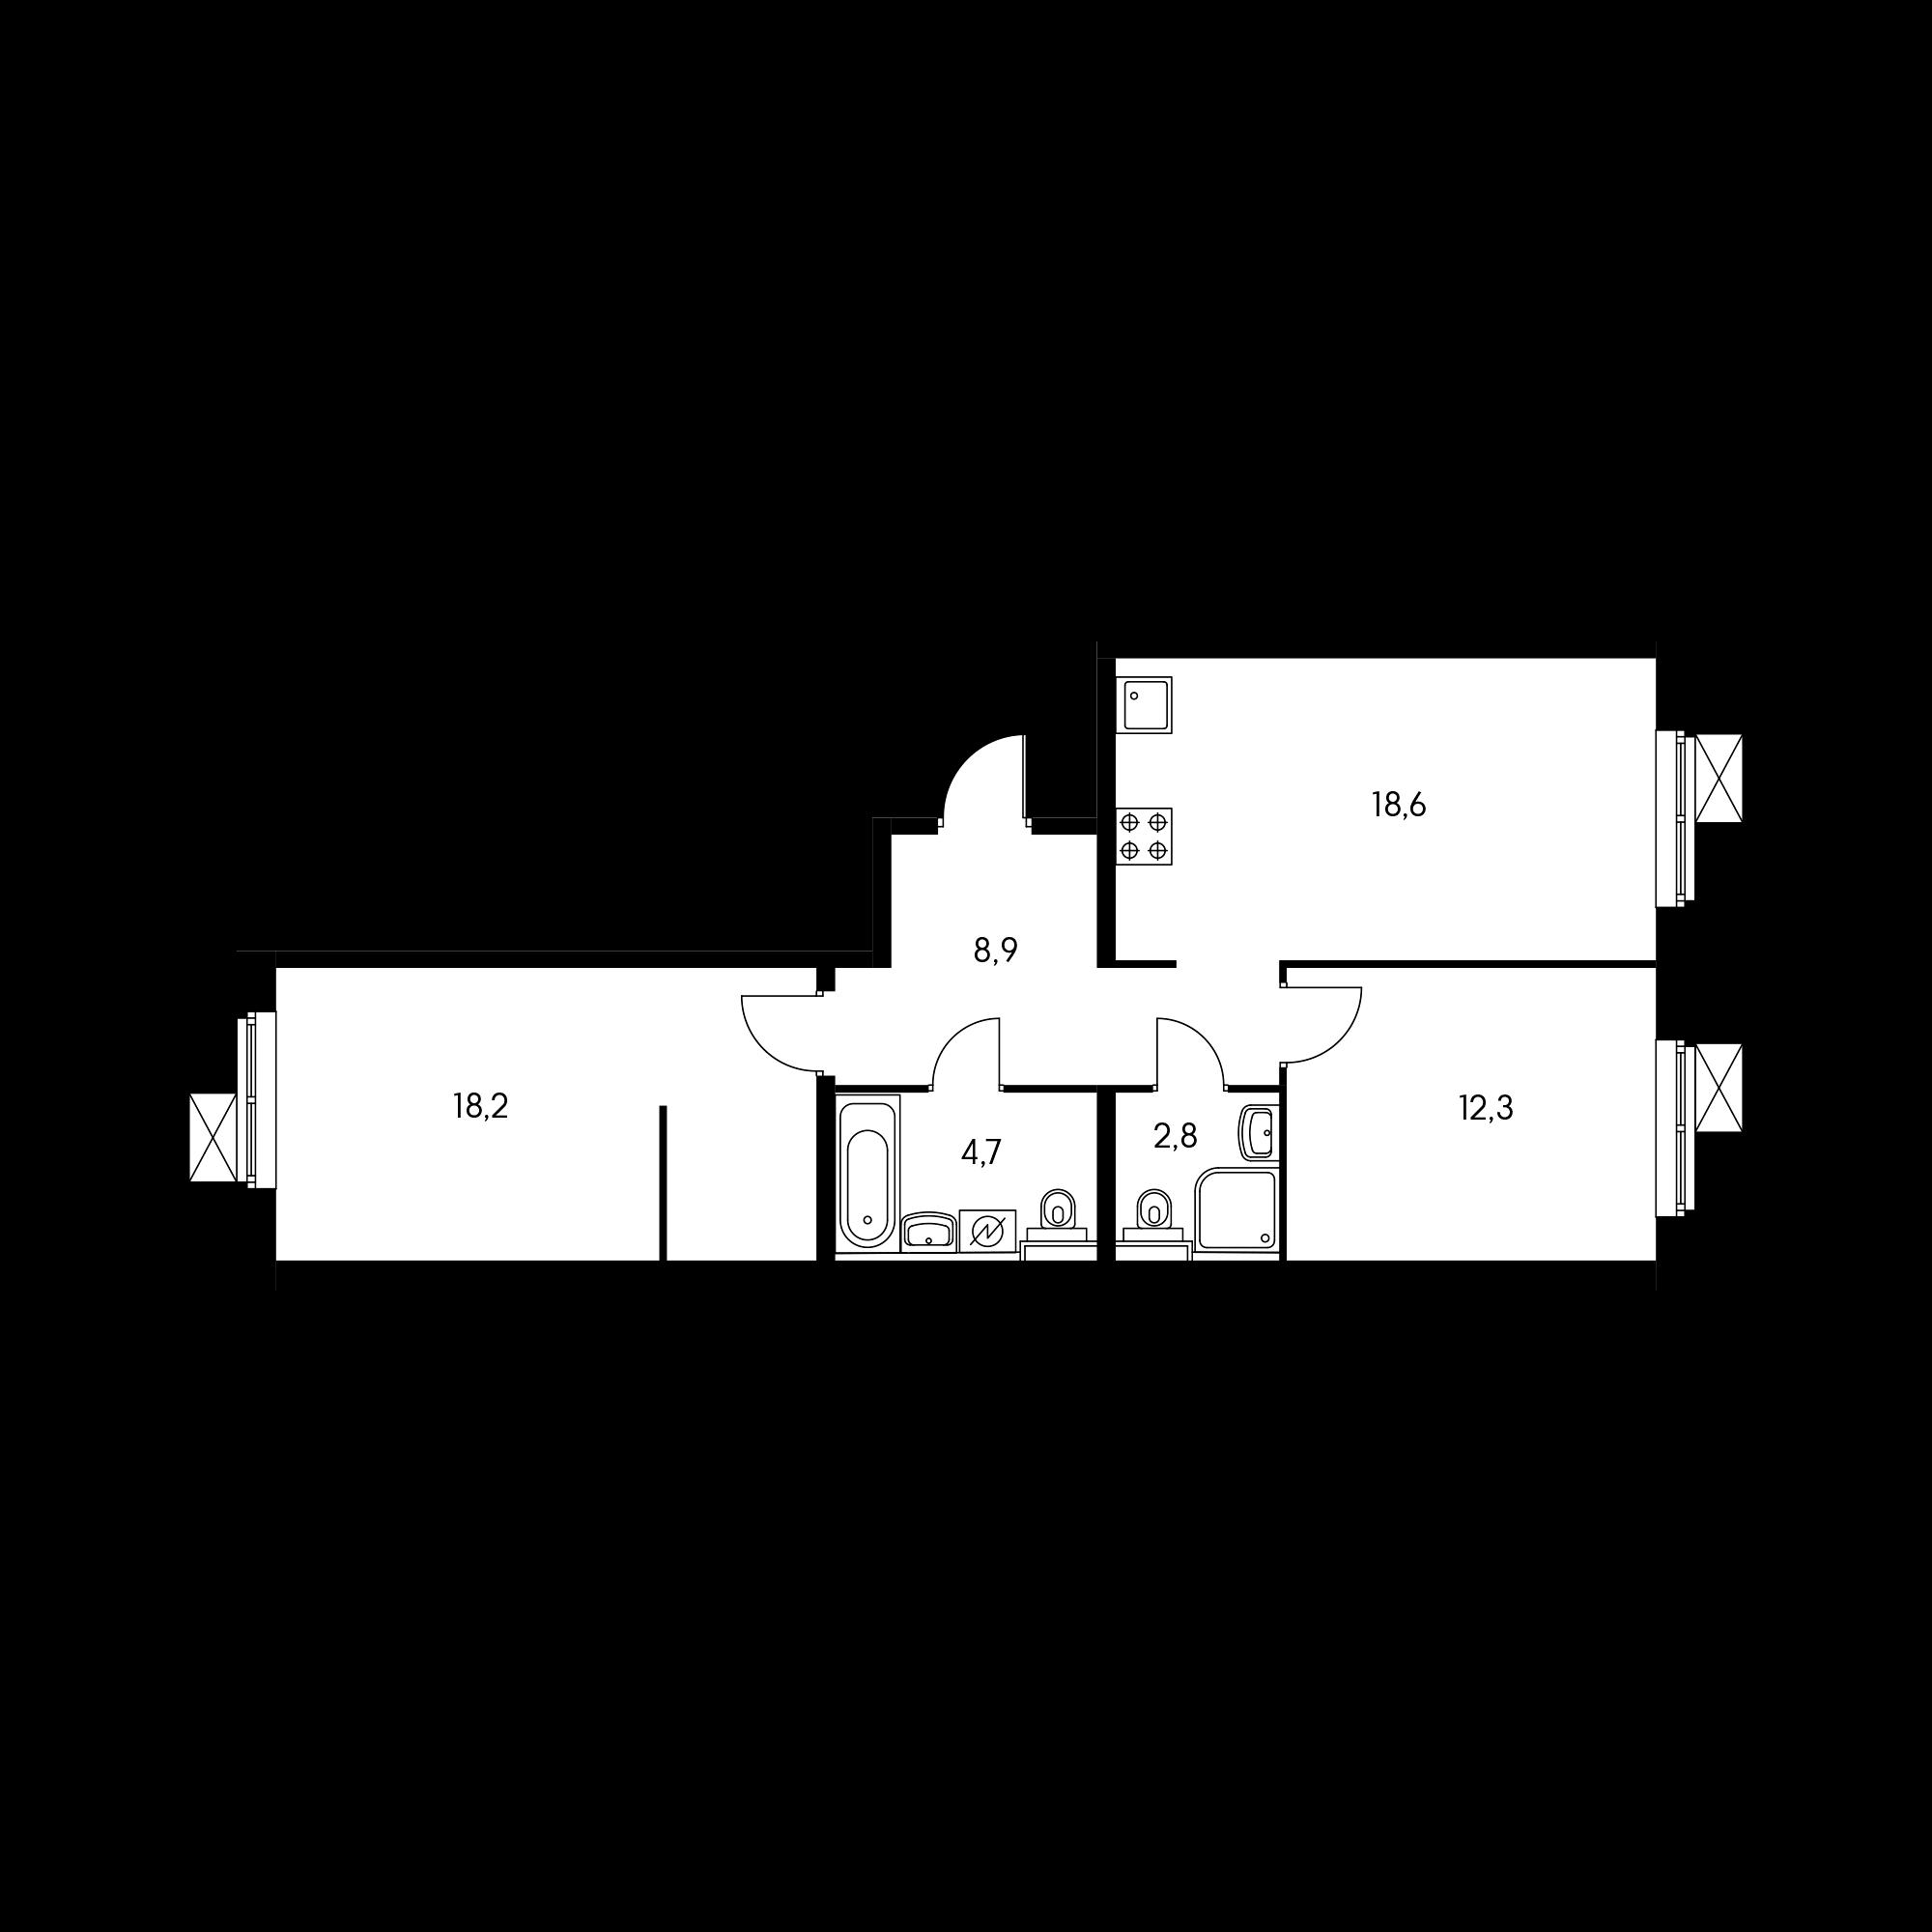 2EL3_6.6-1_T_Z